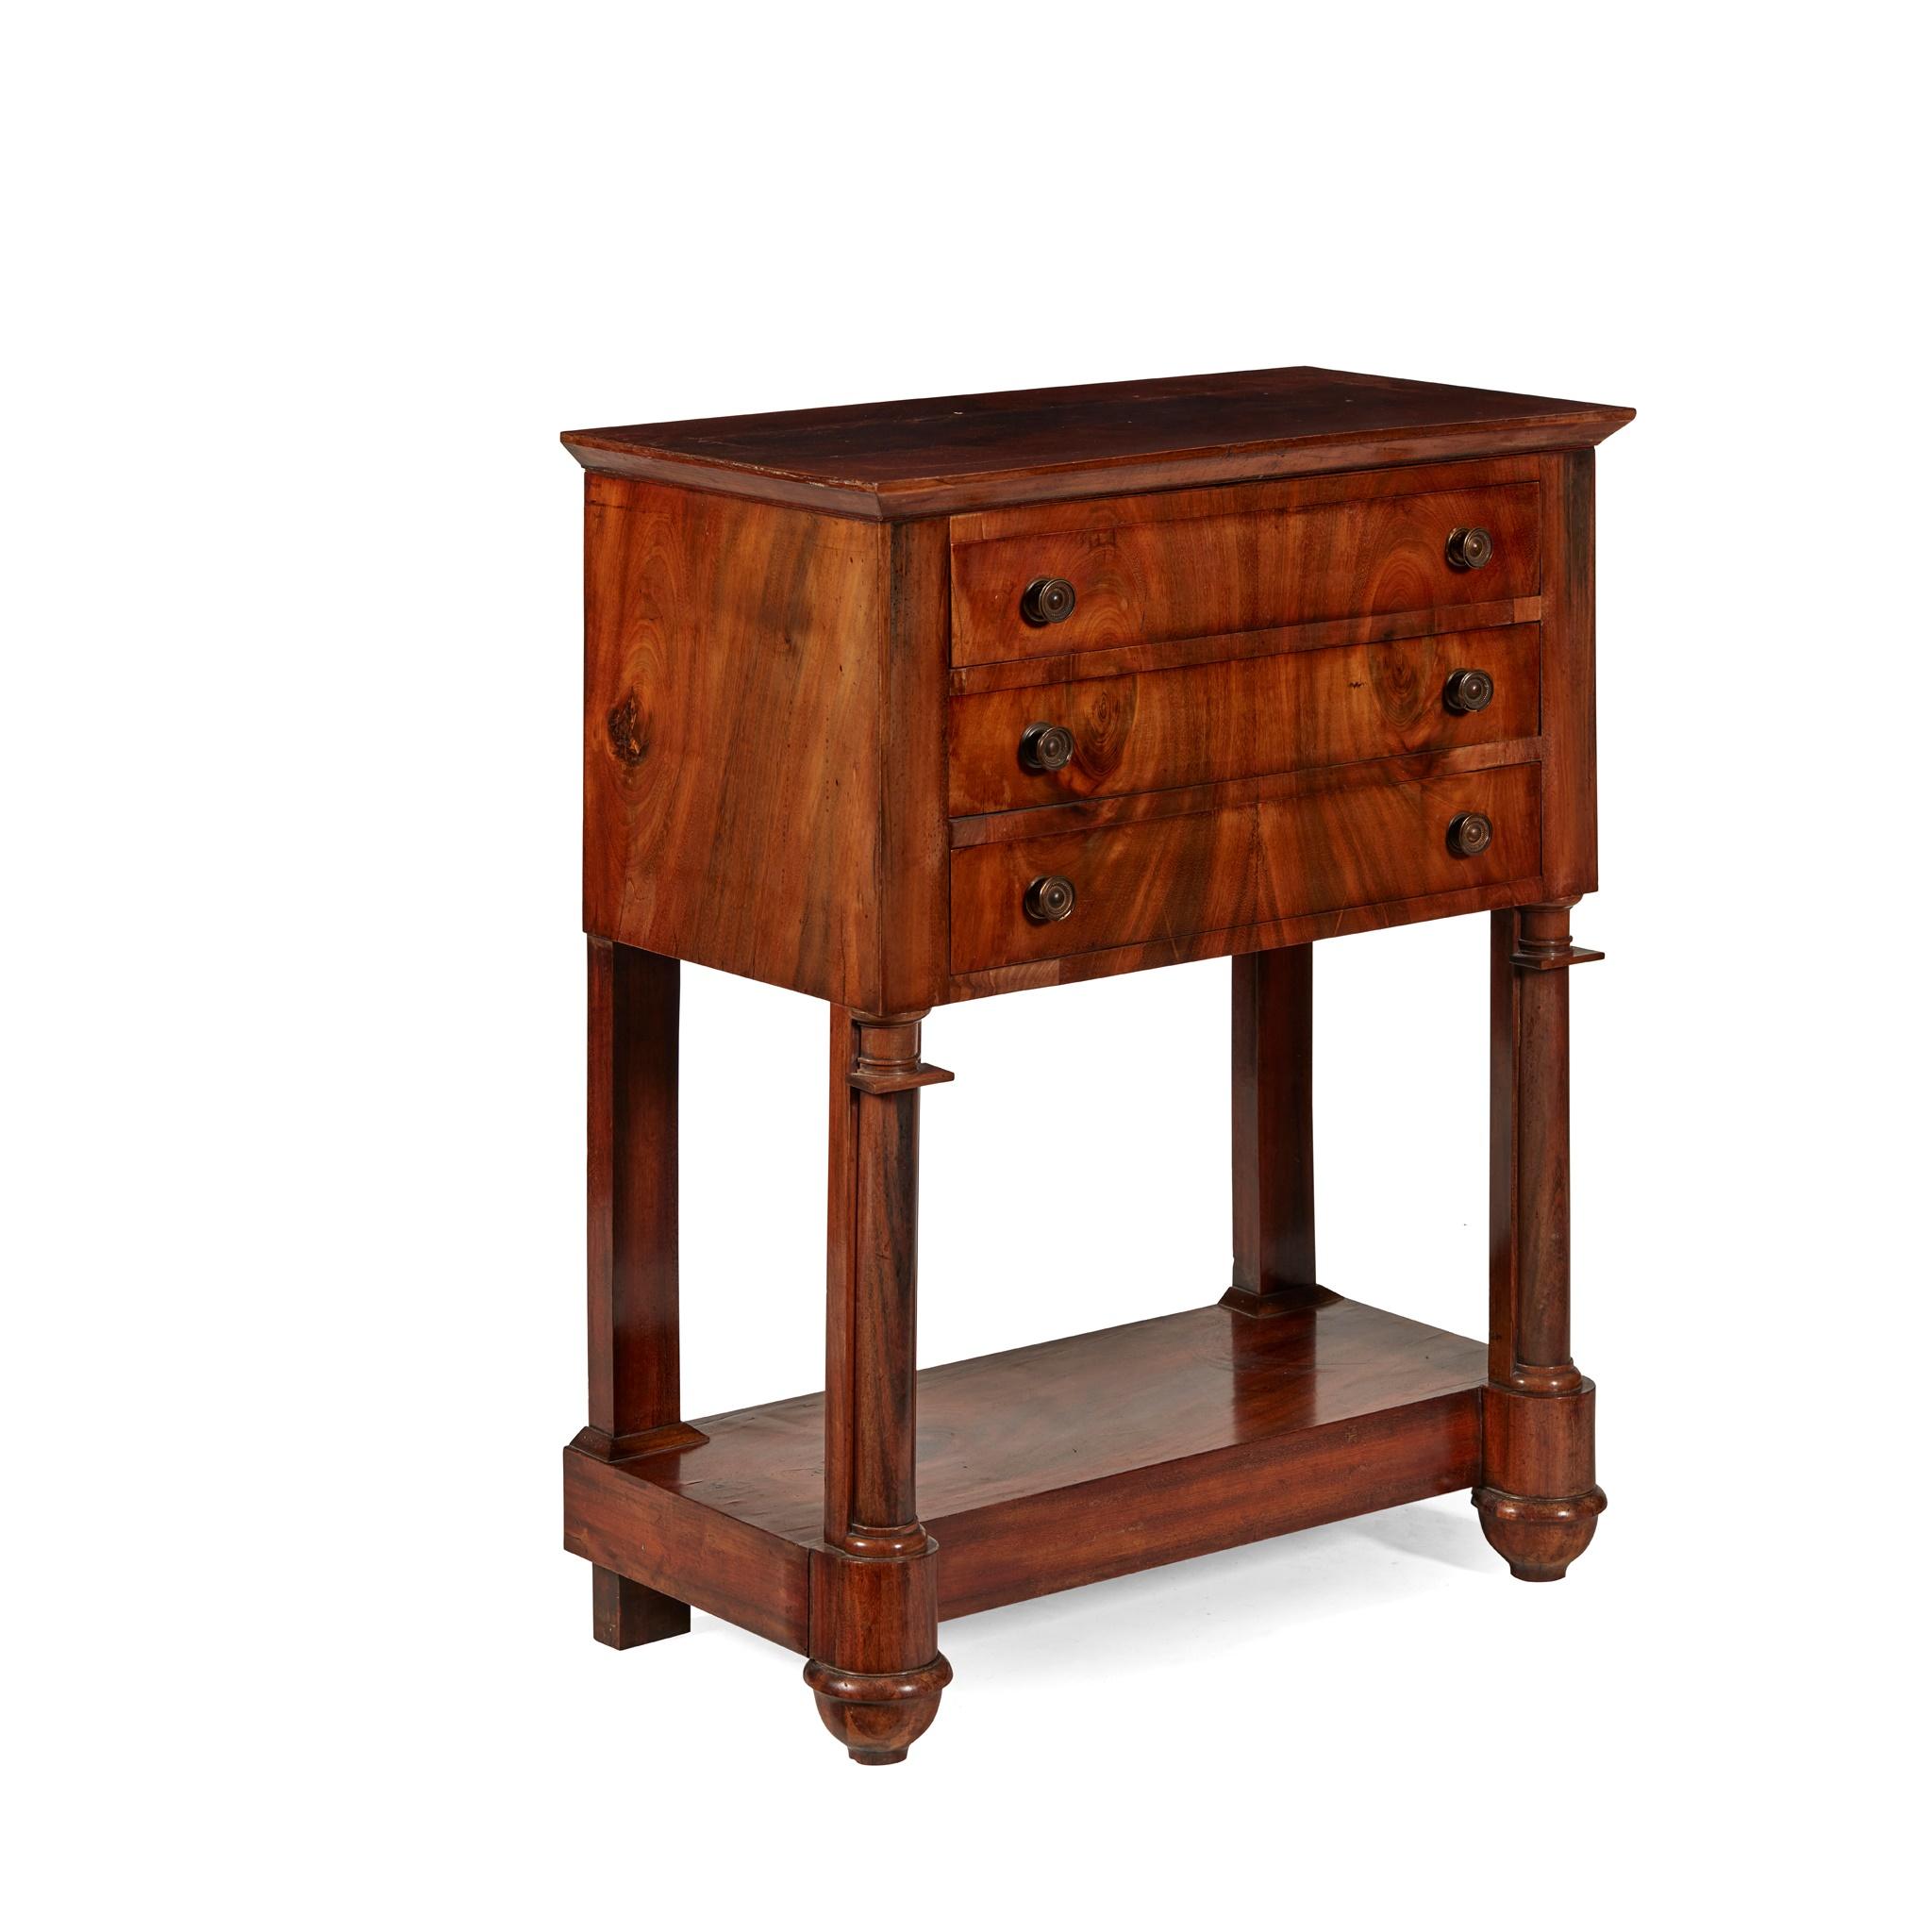 FRENCH EMPIRE MAHOGANY DRESSING TABLE EARLY 19TH CENTURY